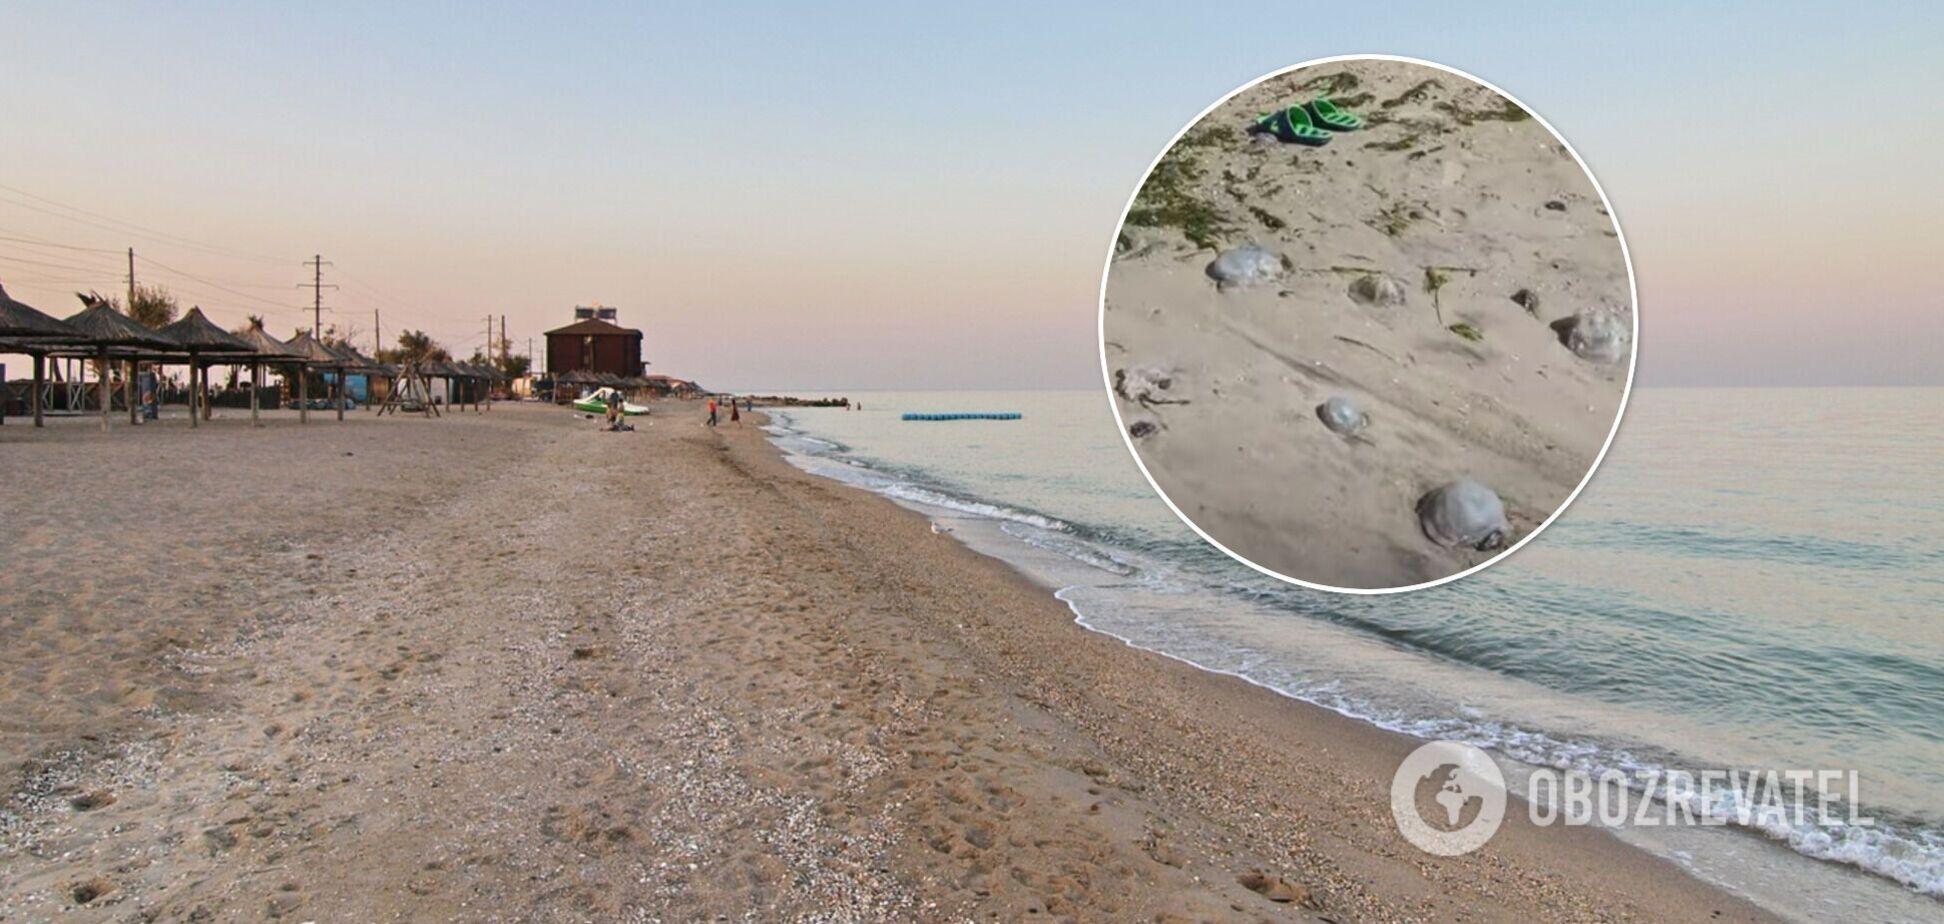 Мертвые медузы на пляже, комары заедают: туристка пожаловалась на отдых в Бердянске